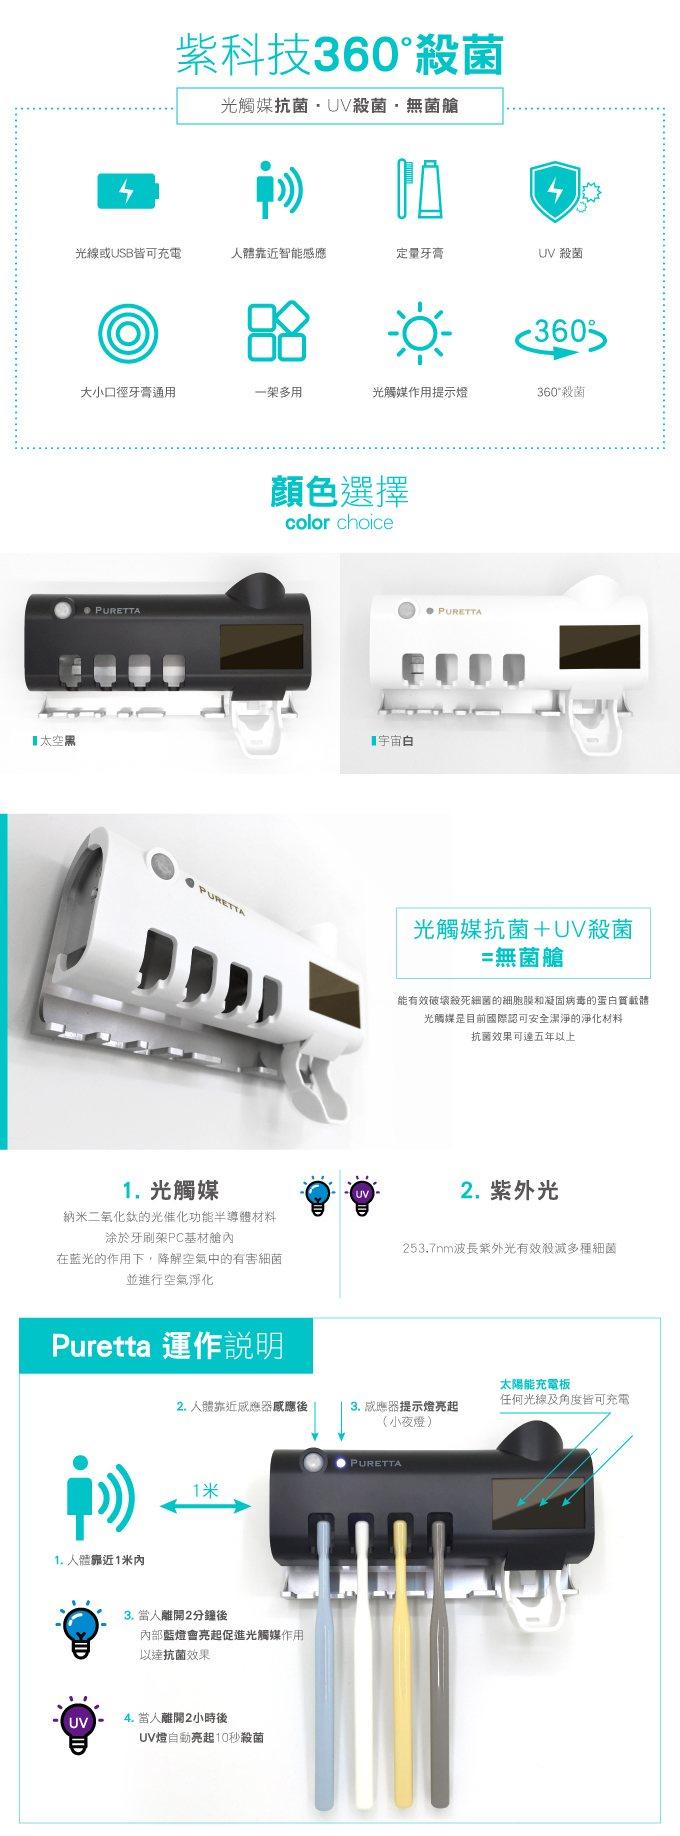 【集購】美國 PURETTA|360°全方位多功能紫外線滅菌 智慧型太陽能充電牙刷置物架(2色)